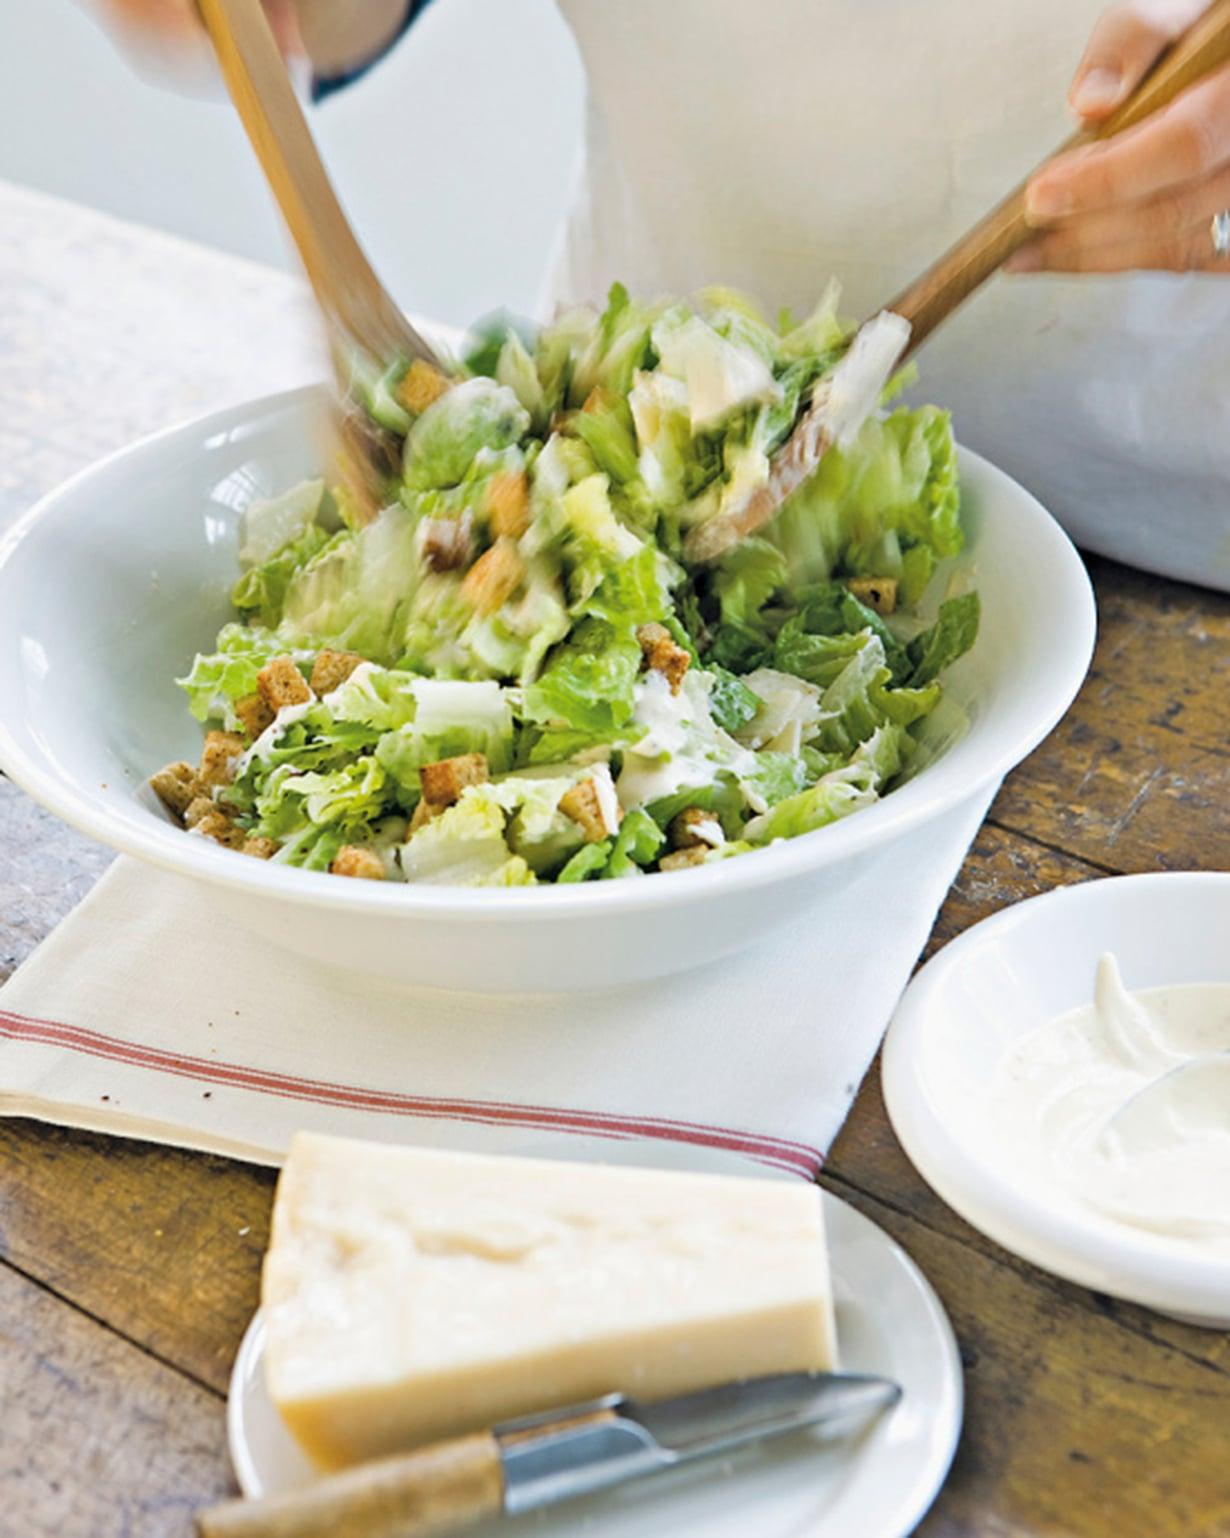 Vuole salaatin päälle parmesaanilastuja. Ripottele pinnalle jäähtyneet leipäkuutiot. Kaada 2/3 kastikkeesta salaatille ja sekoita ilmavasti nostellen.